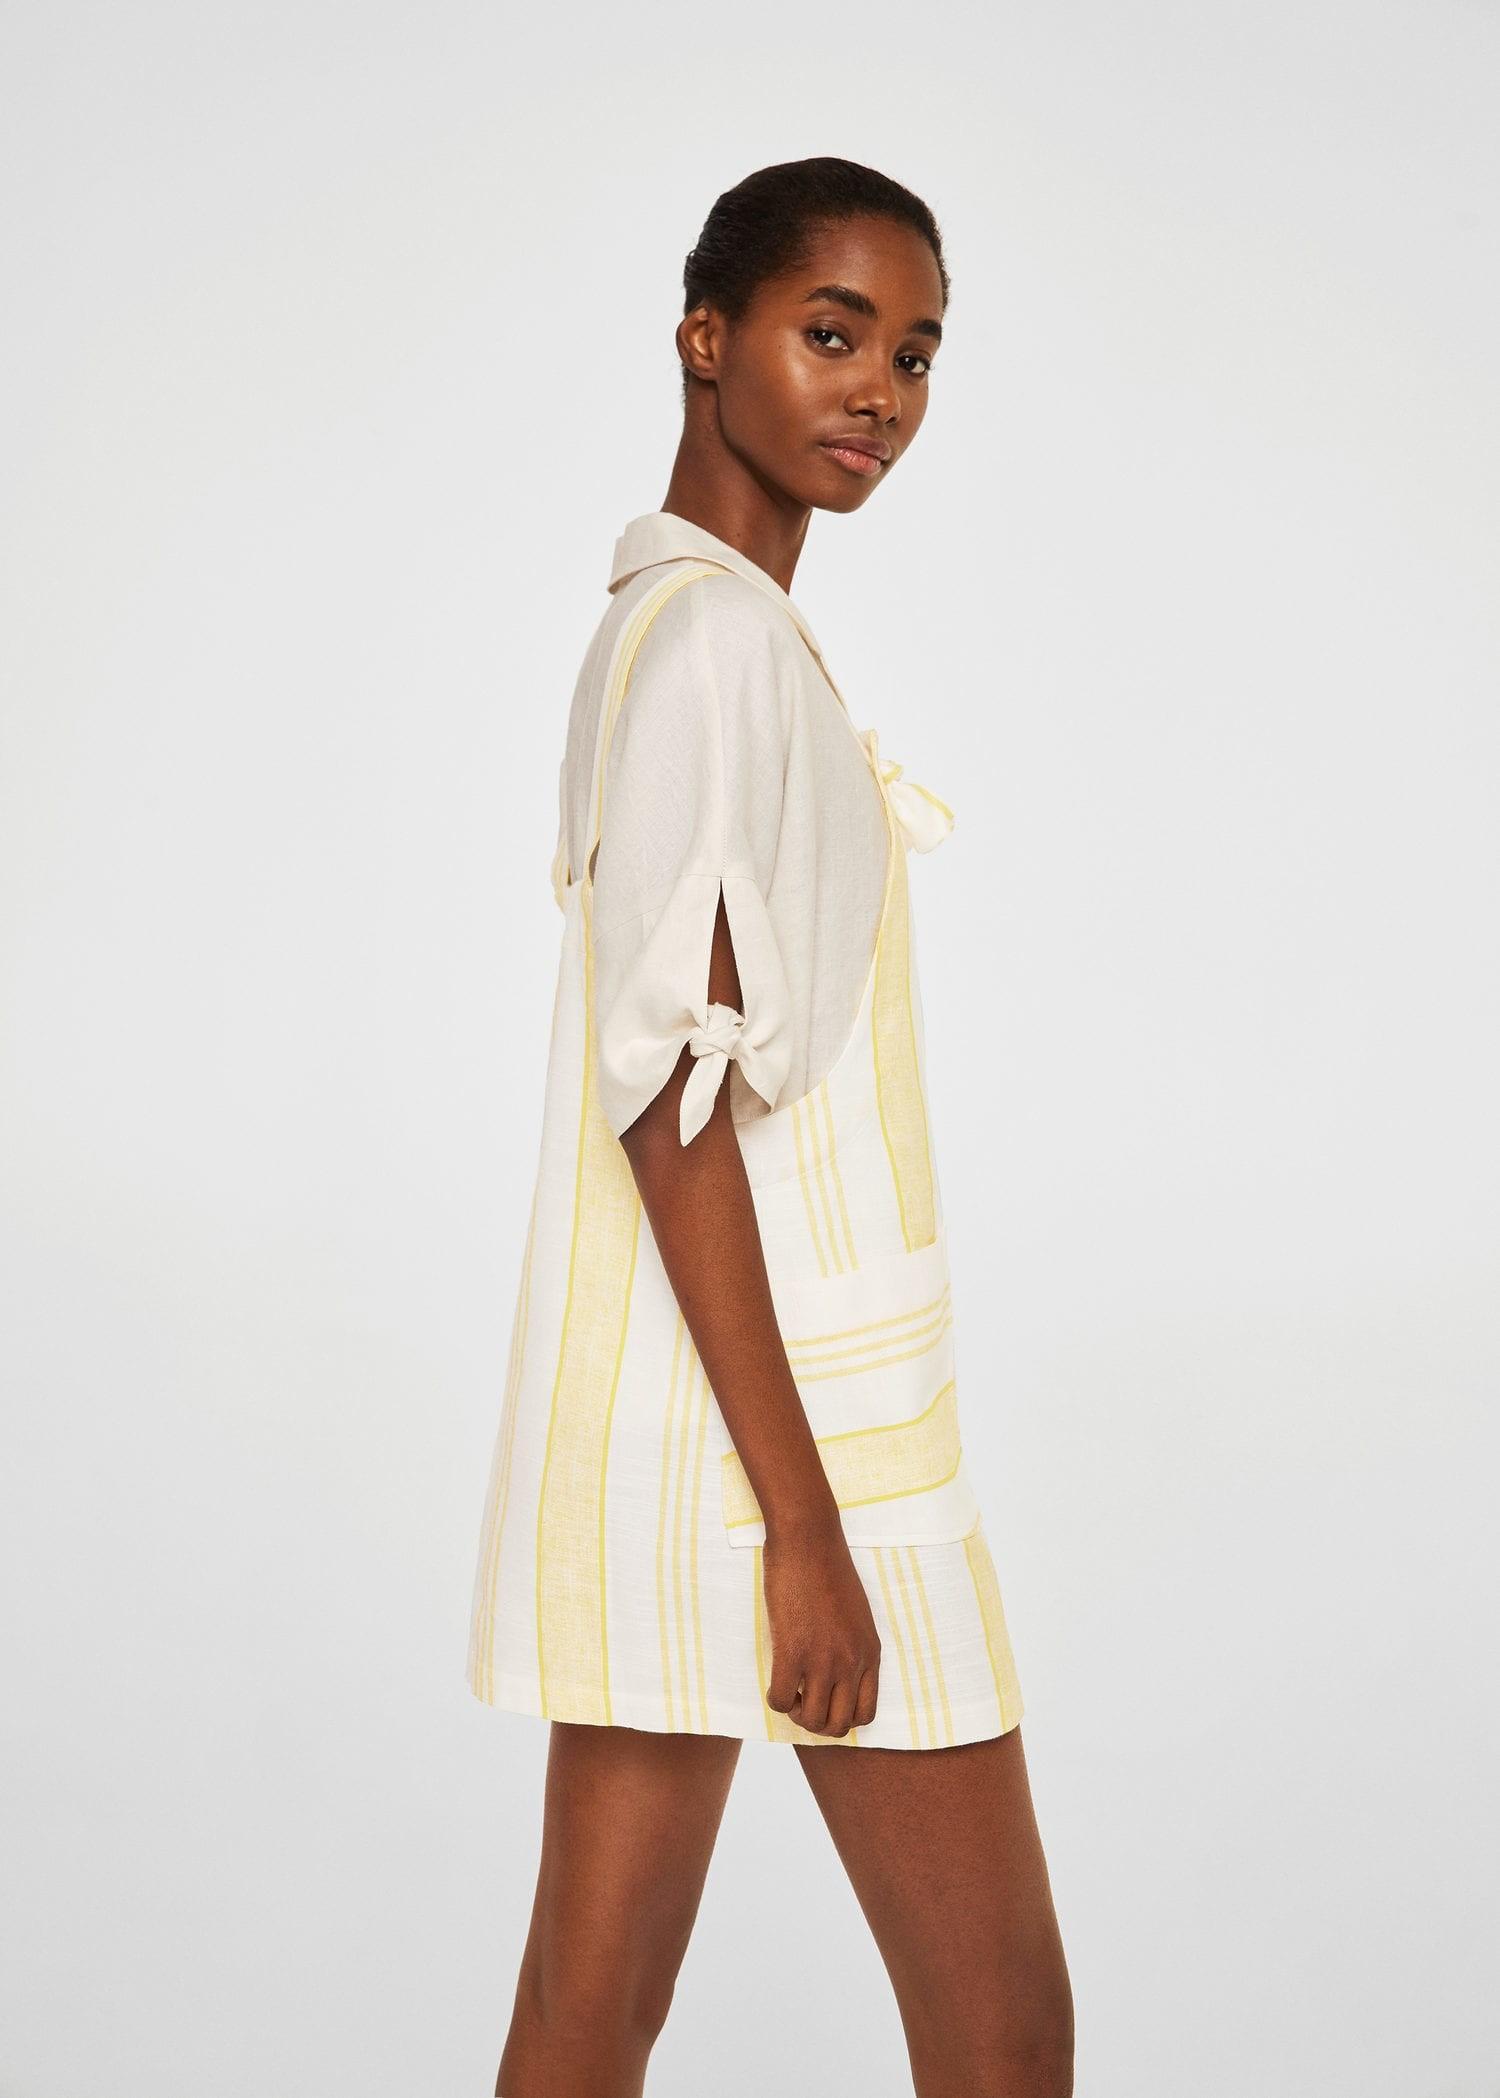 Groß Hochzeitskleid Mieten Los Angeles Galerie - Brautkleider Ideen ...